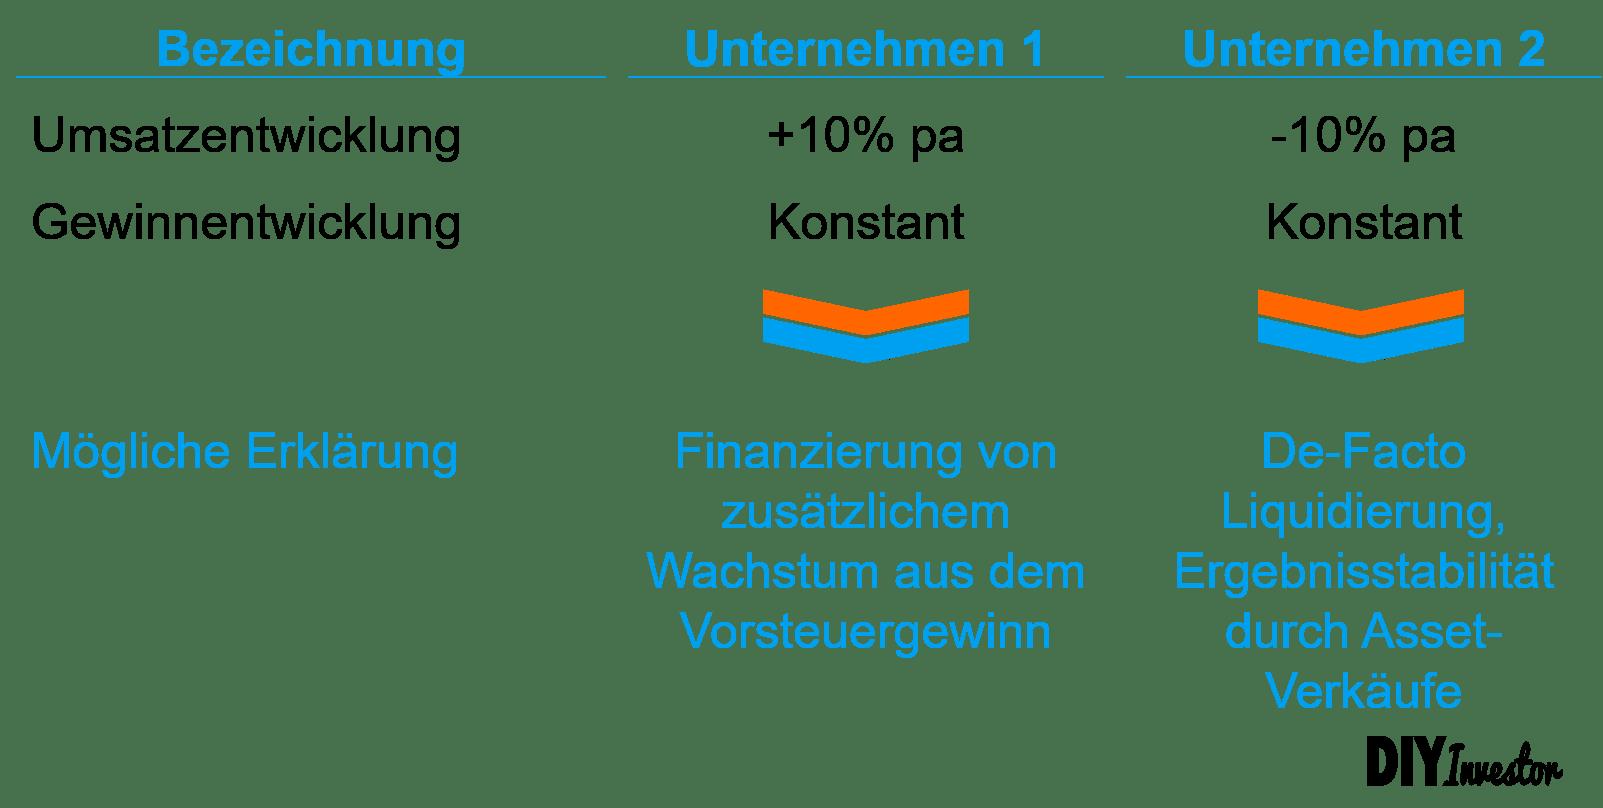 Ergebnisqualität